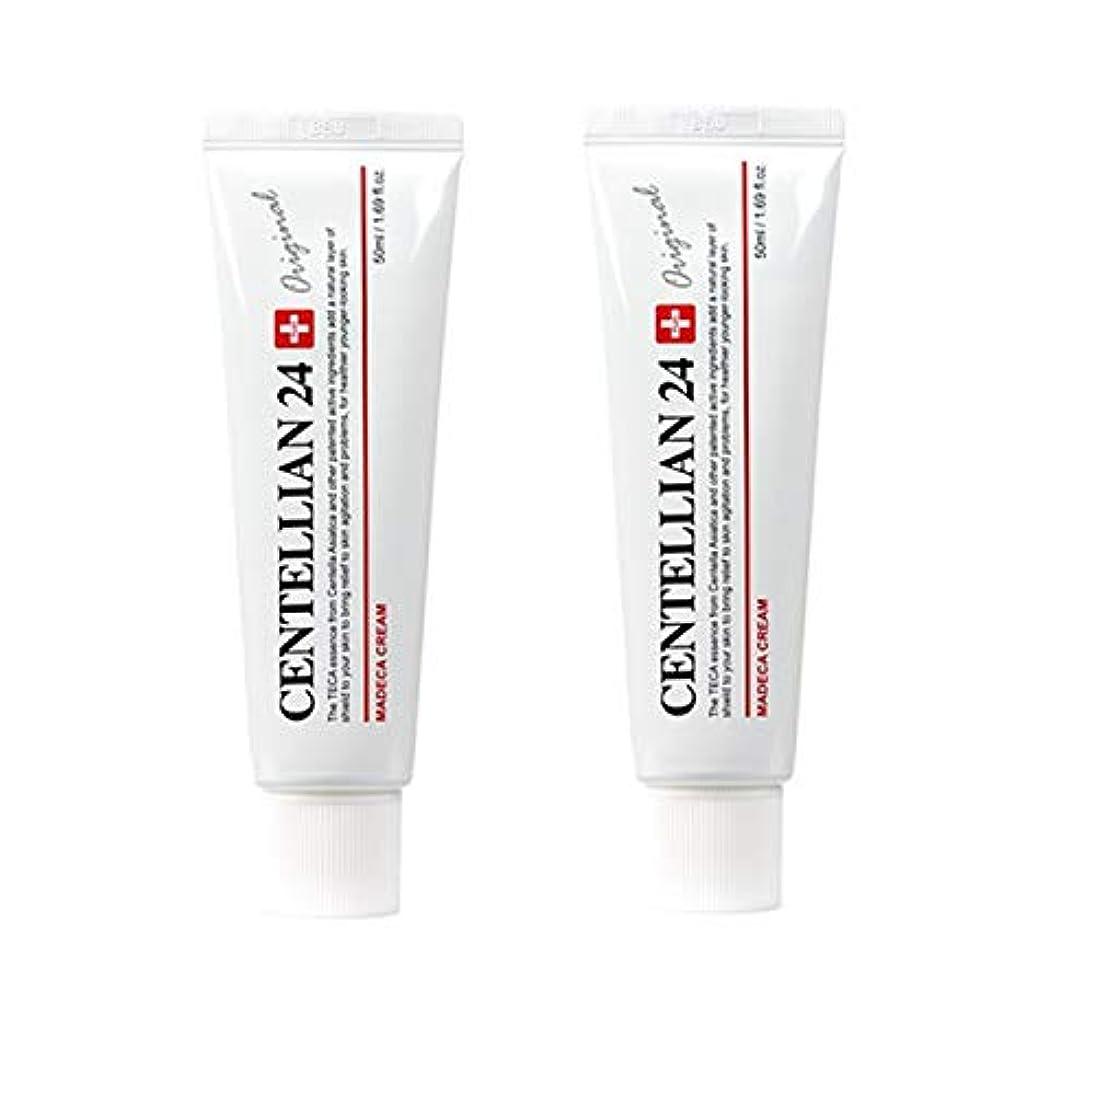 センテルリアン24マデカクリム50ml x 2本セット肌の保湿損傷した肌のケア東国 韓国コスメ、Centellian24 Madeca Cream 50ml x 2ea Set Skin Moisturizing Damaged...